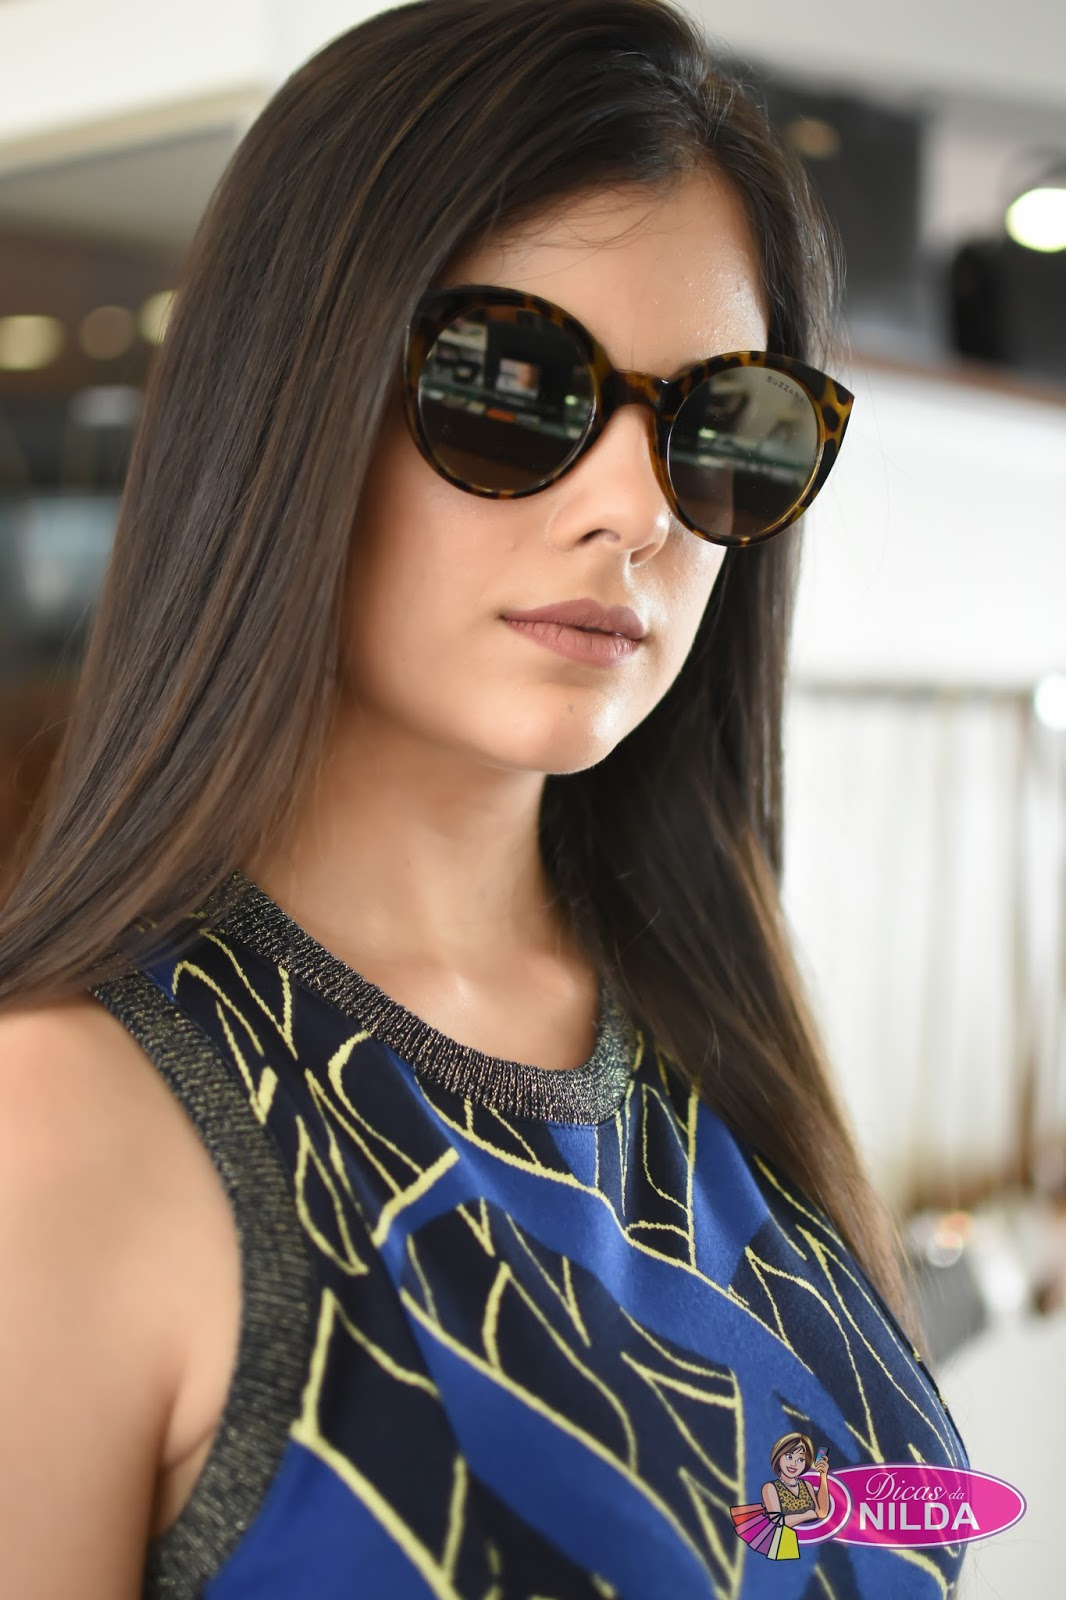 243fdc21f Na Suzzara você vai encontrar lindos óculos de sol, de boa qualidade com  proteção UV.